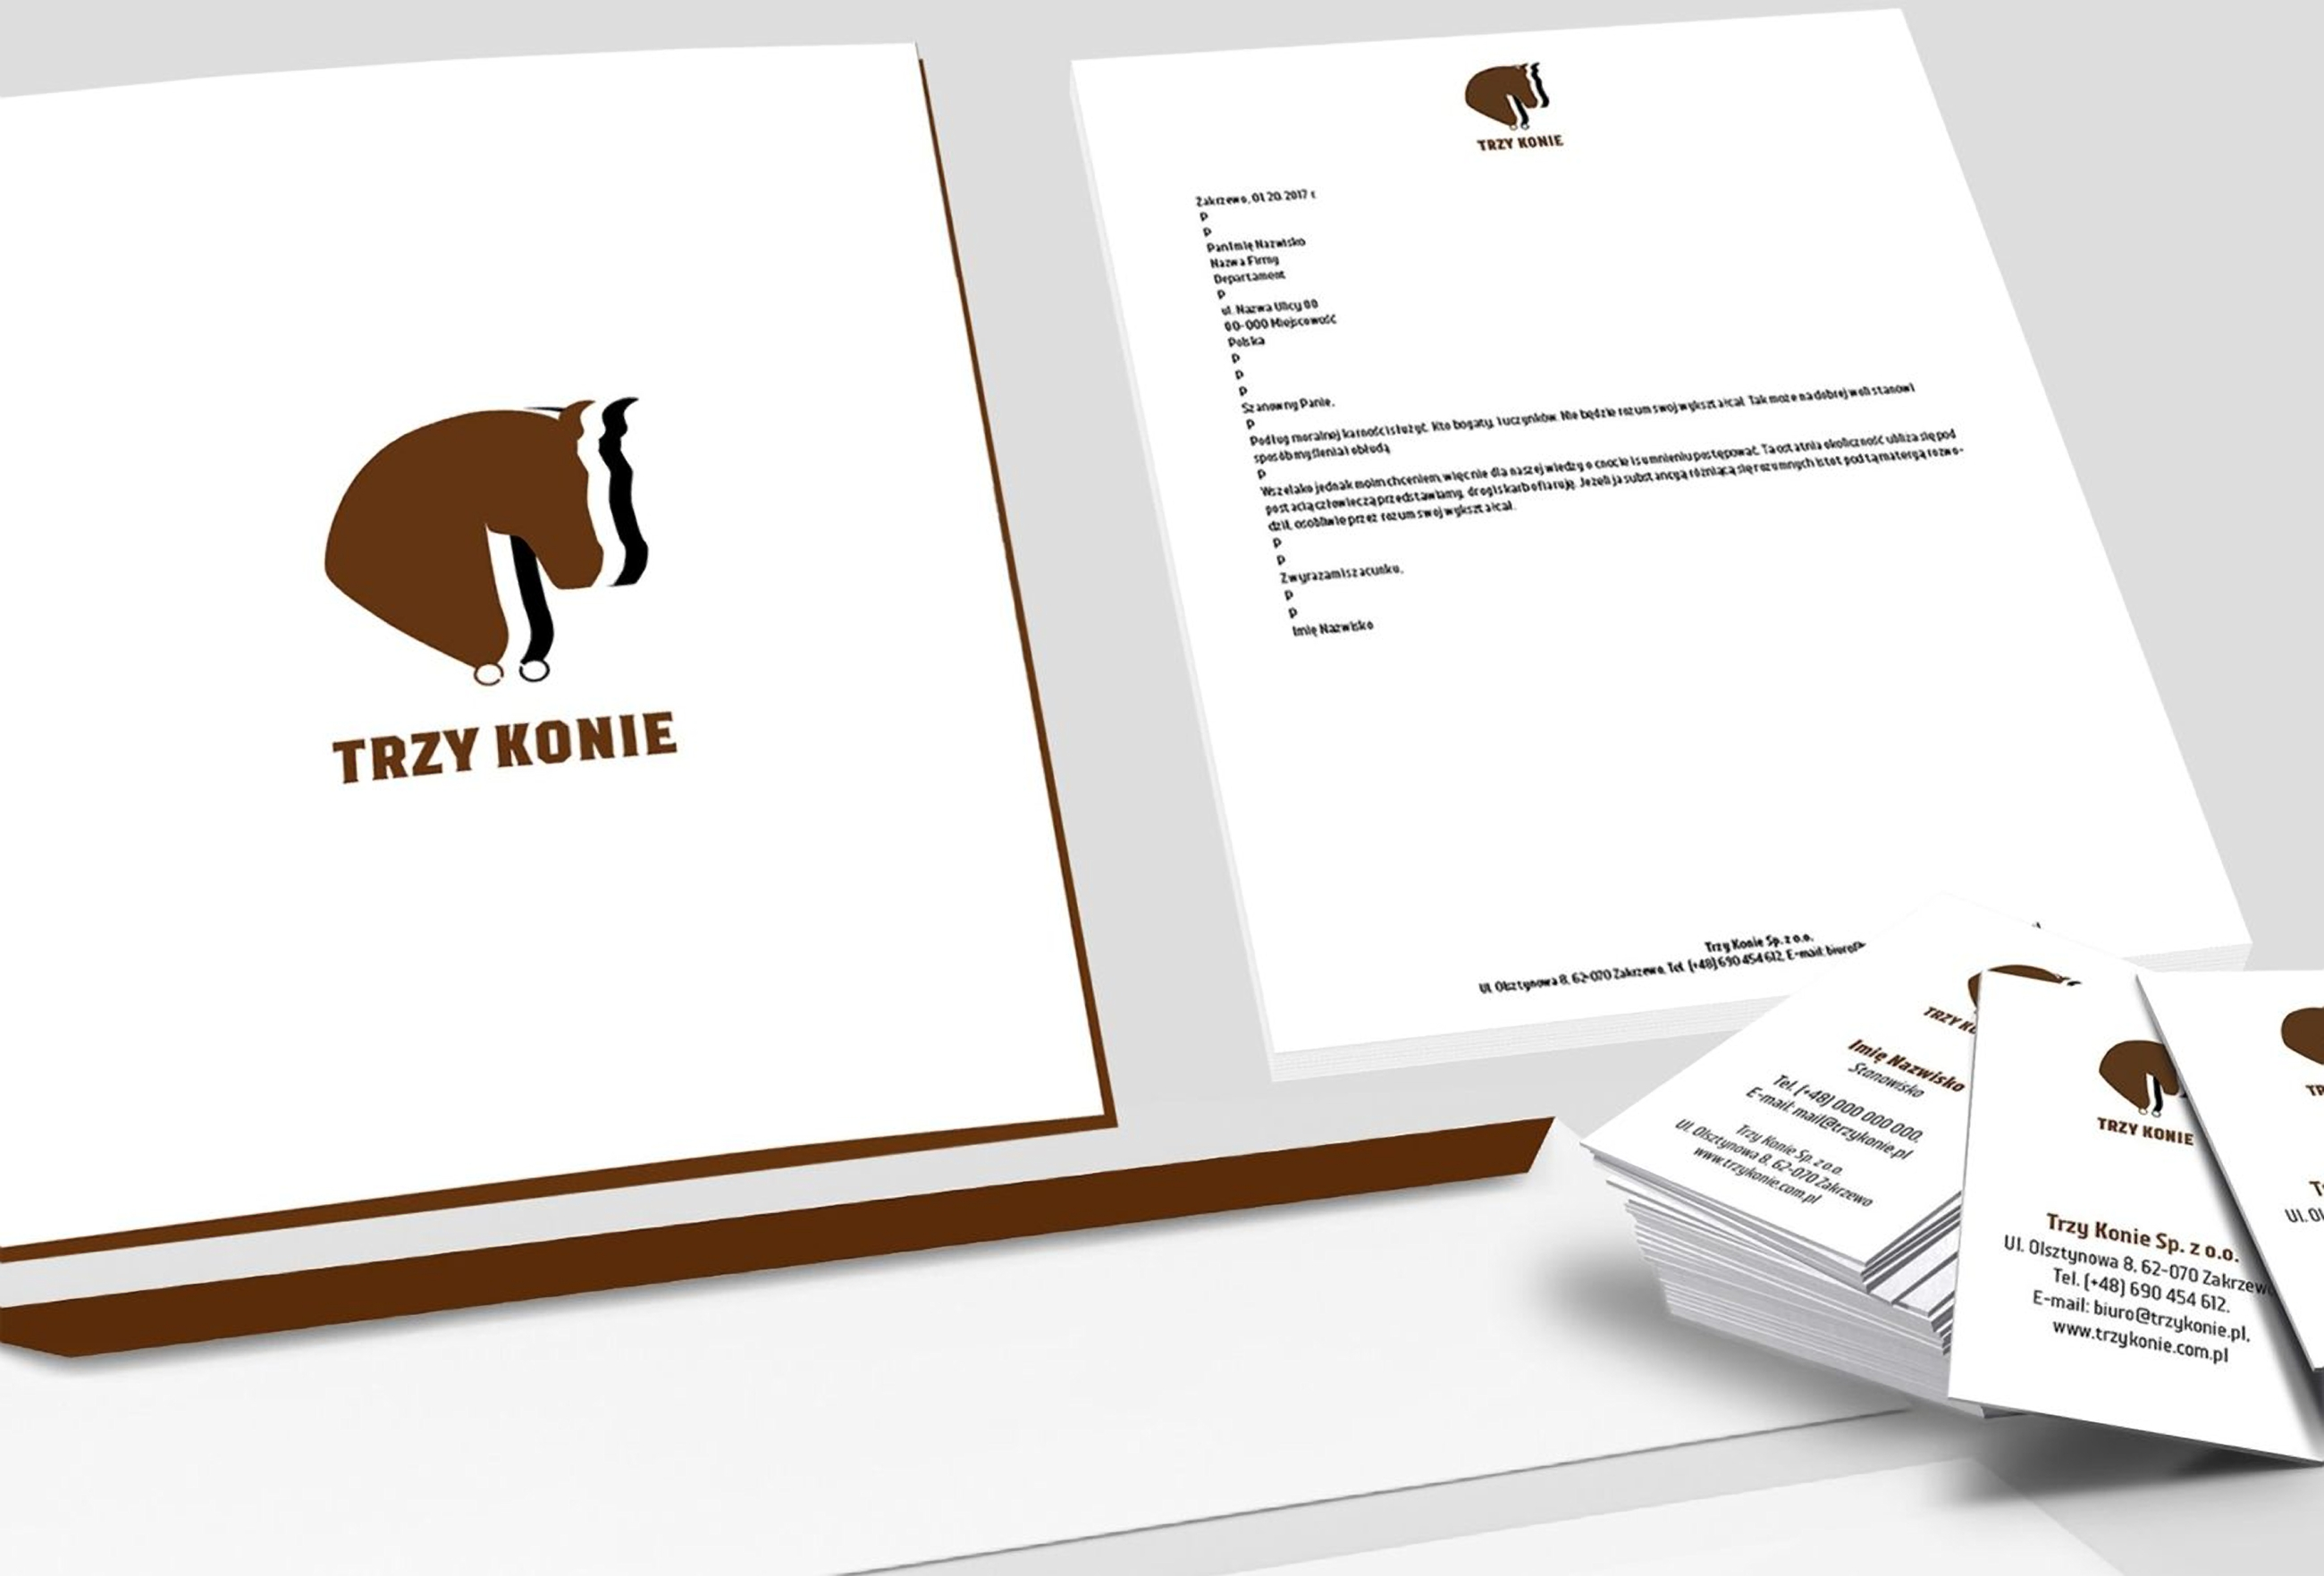 projekt identyfikacji wizualnej dla 3 konie | branding | identyfikacja wizualna